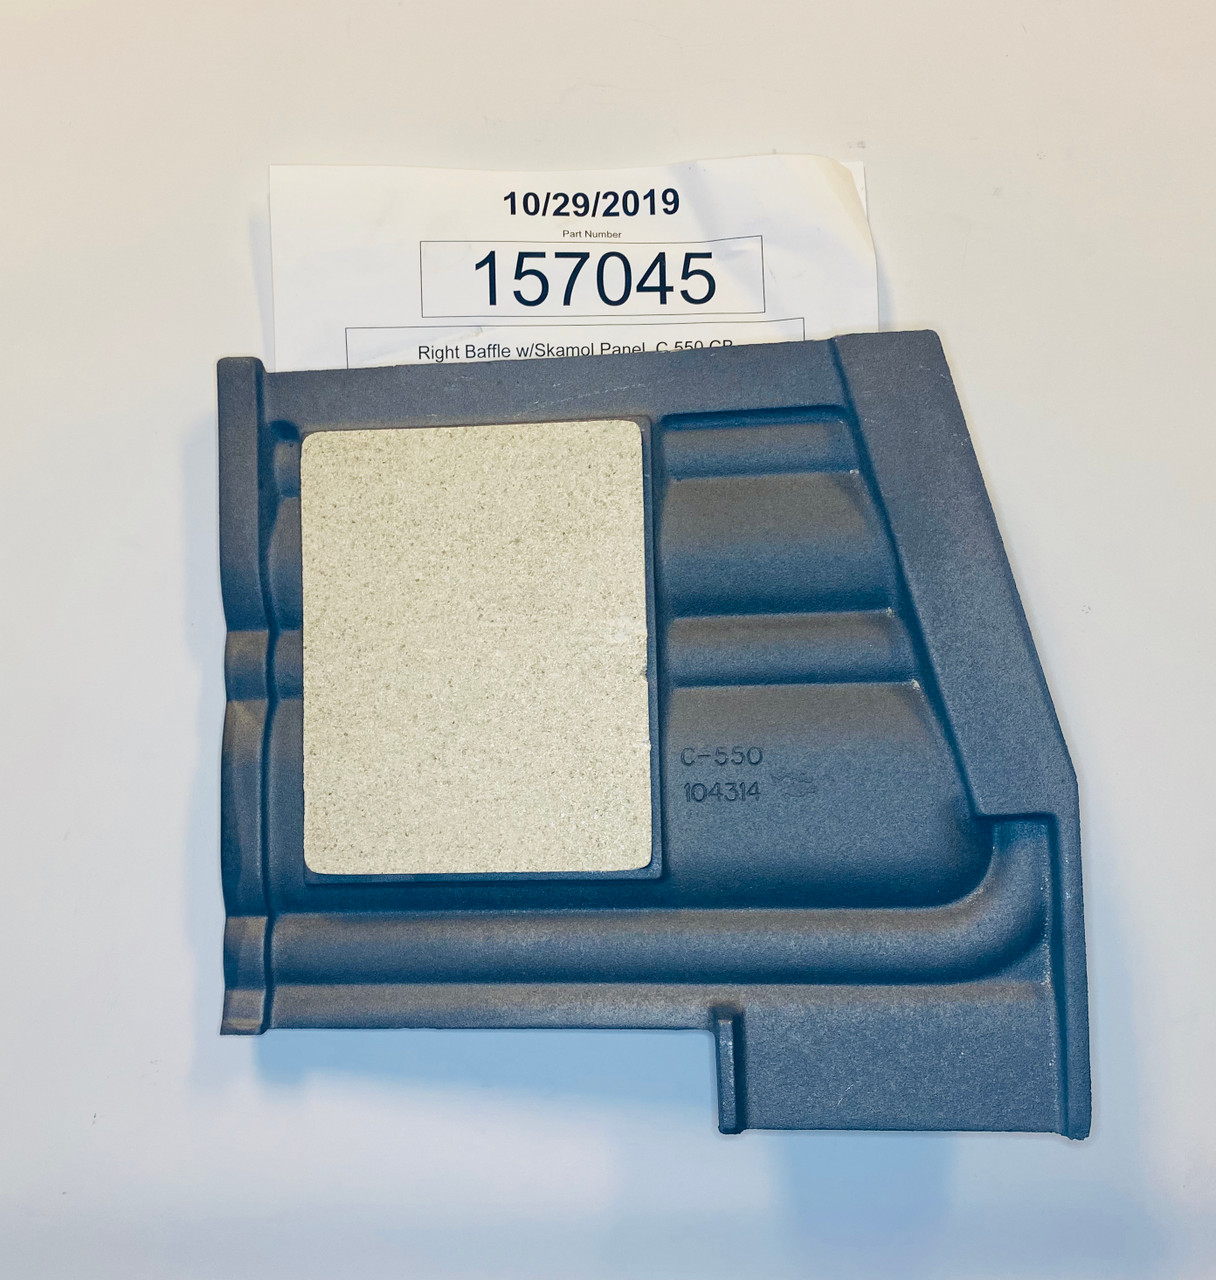 Jotul C550 RH Baffle Plate 157045 top side